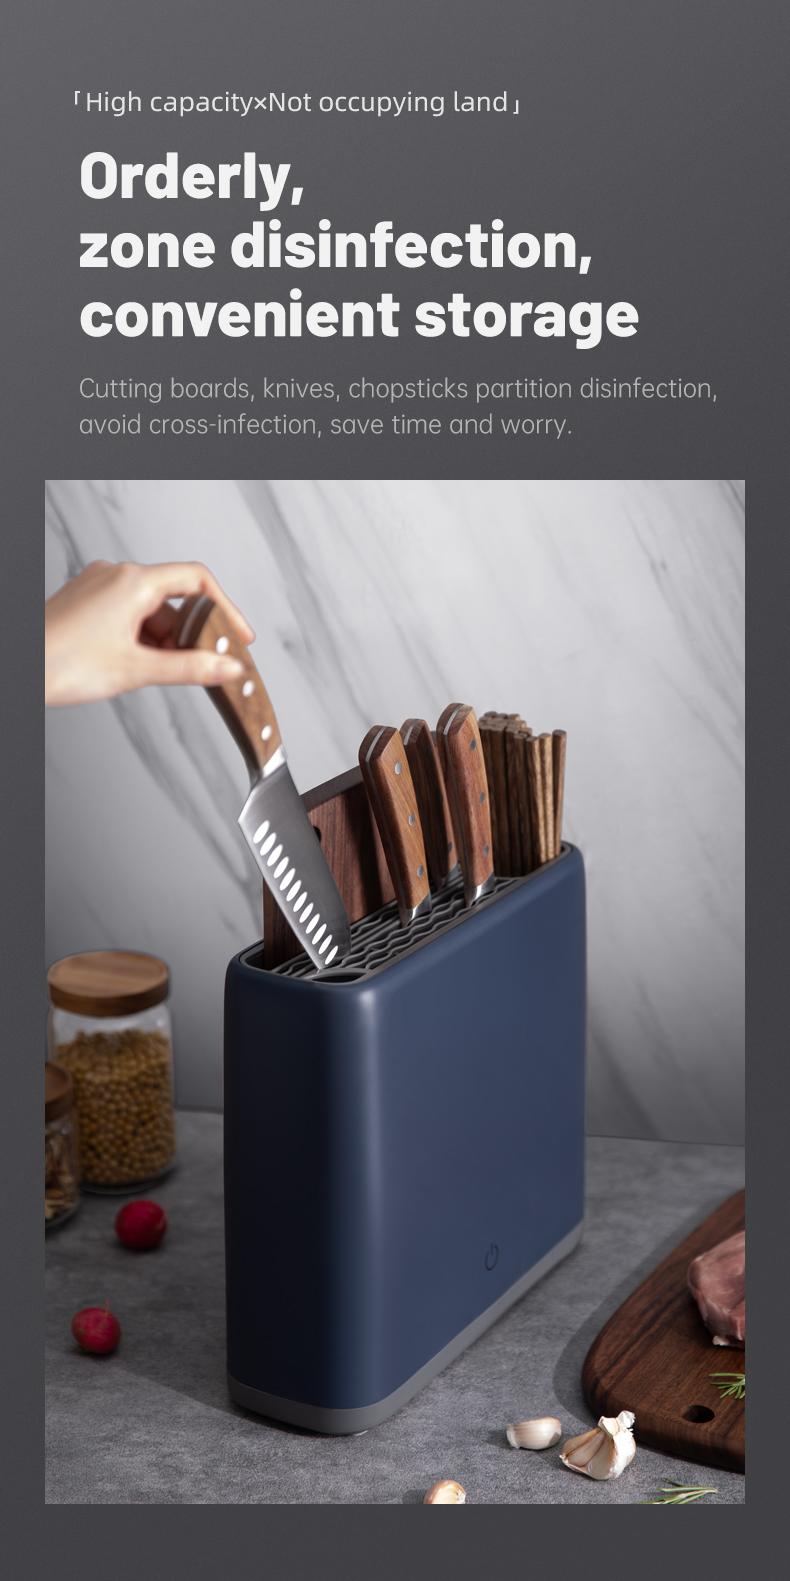 刀具消毒器详情EN_07